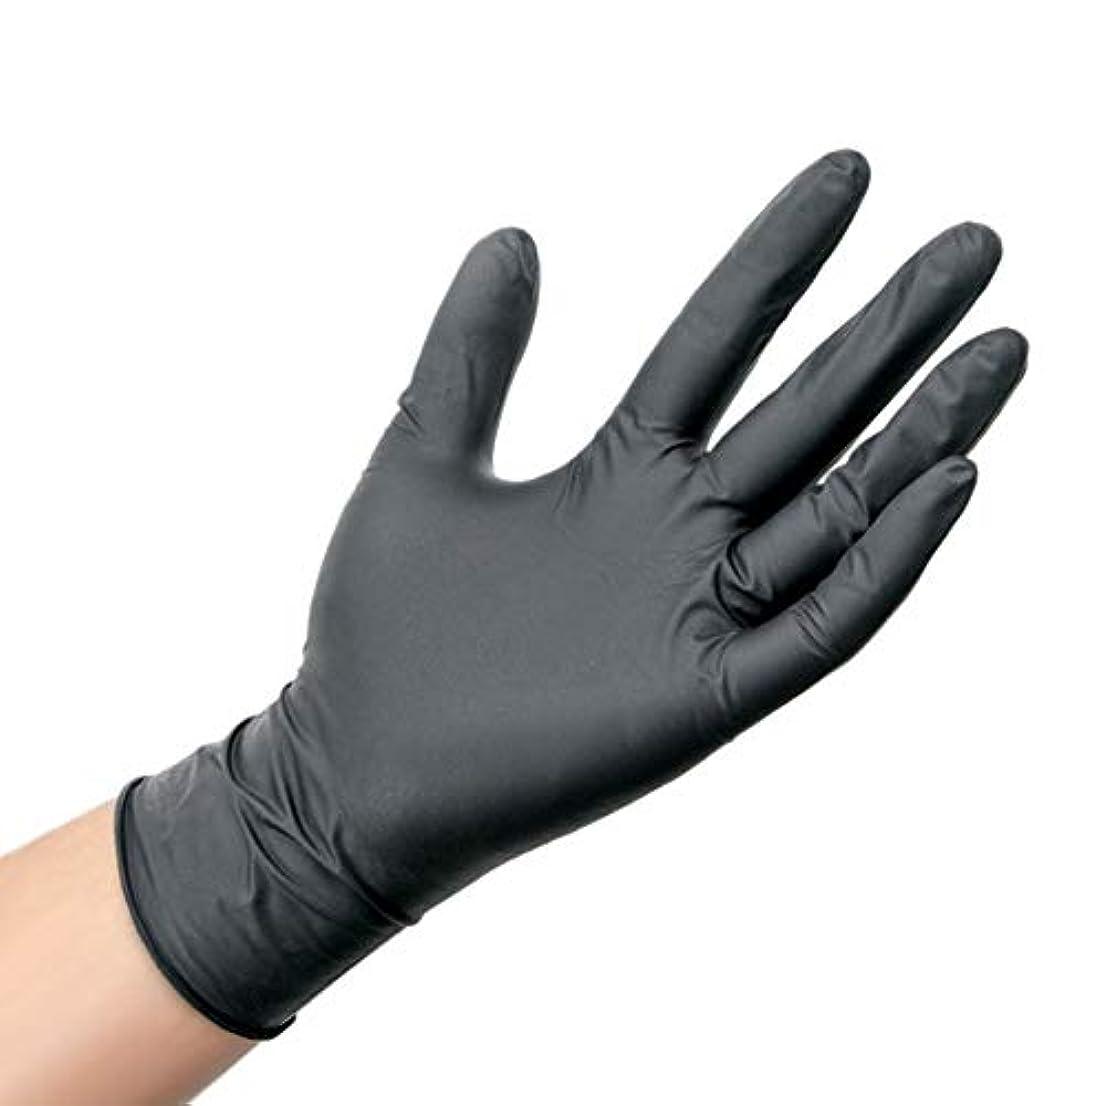 パール拒絶する灌漑肥厚した抗酸とアルカリの帯電防止保護手袋使い捨て工業用ニトリルゴム手袋 YANW (色 : ブラック, サイズ さいず : M m)